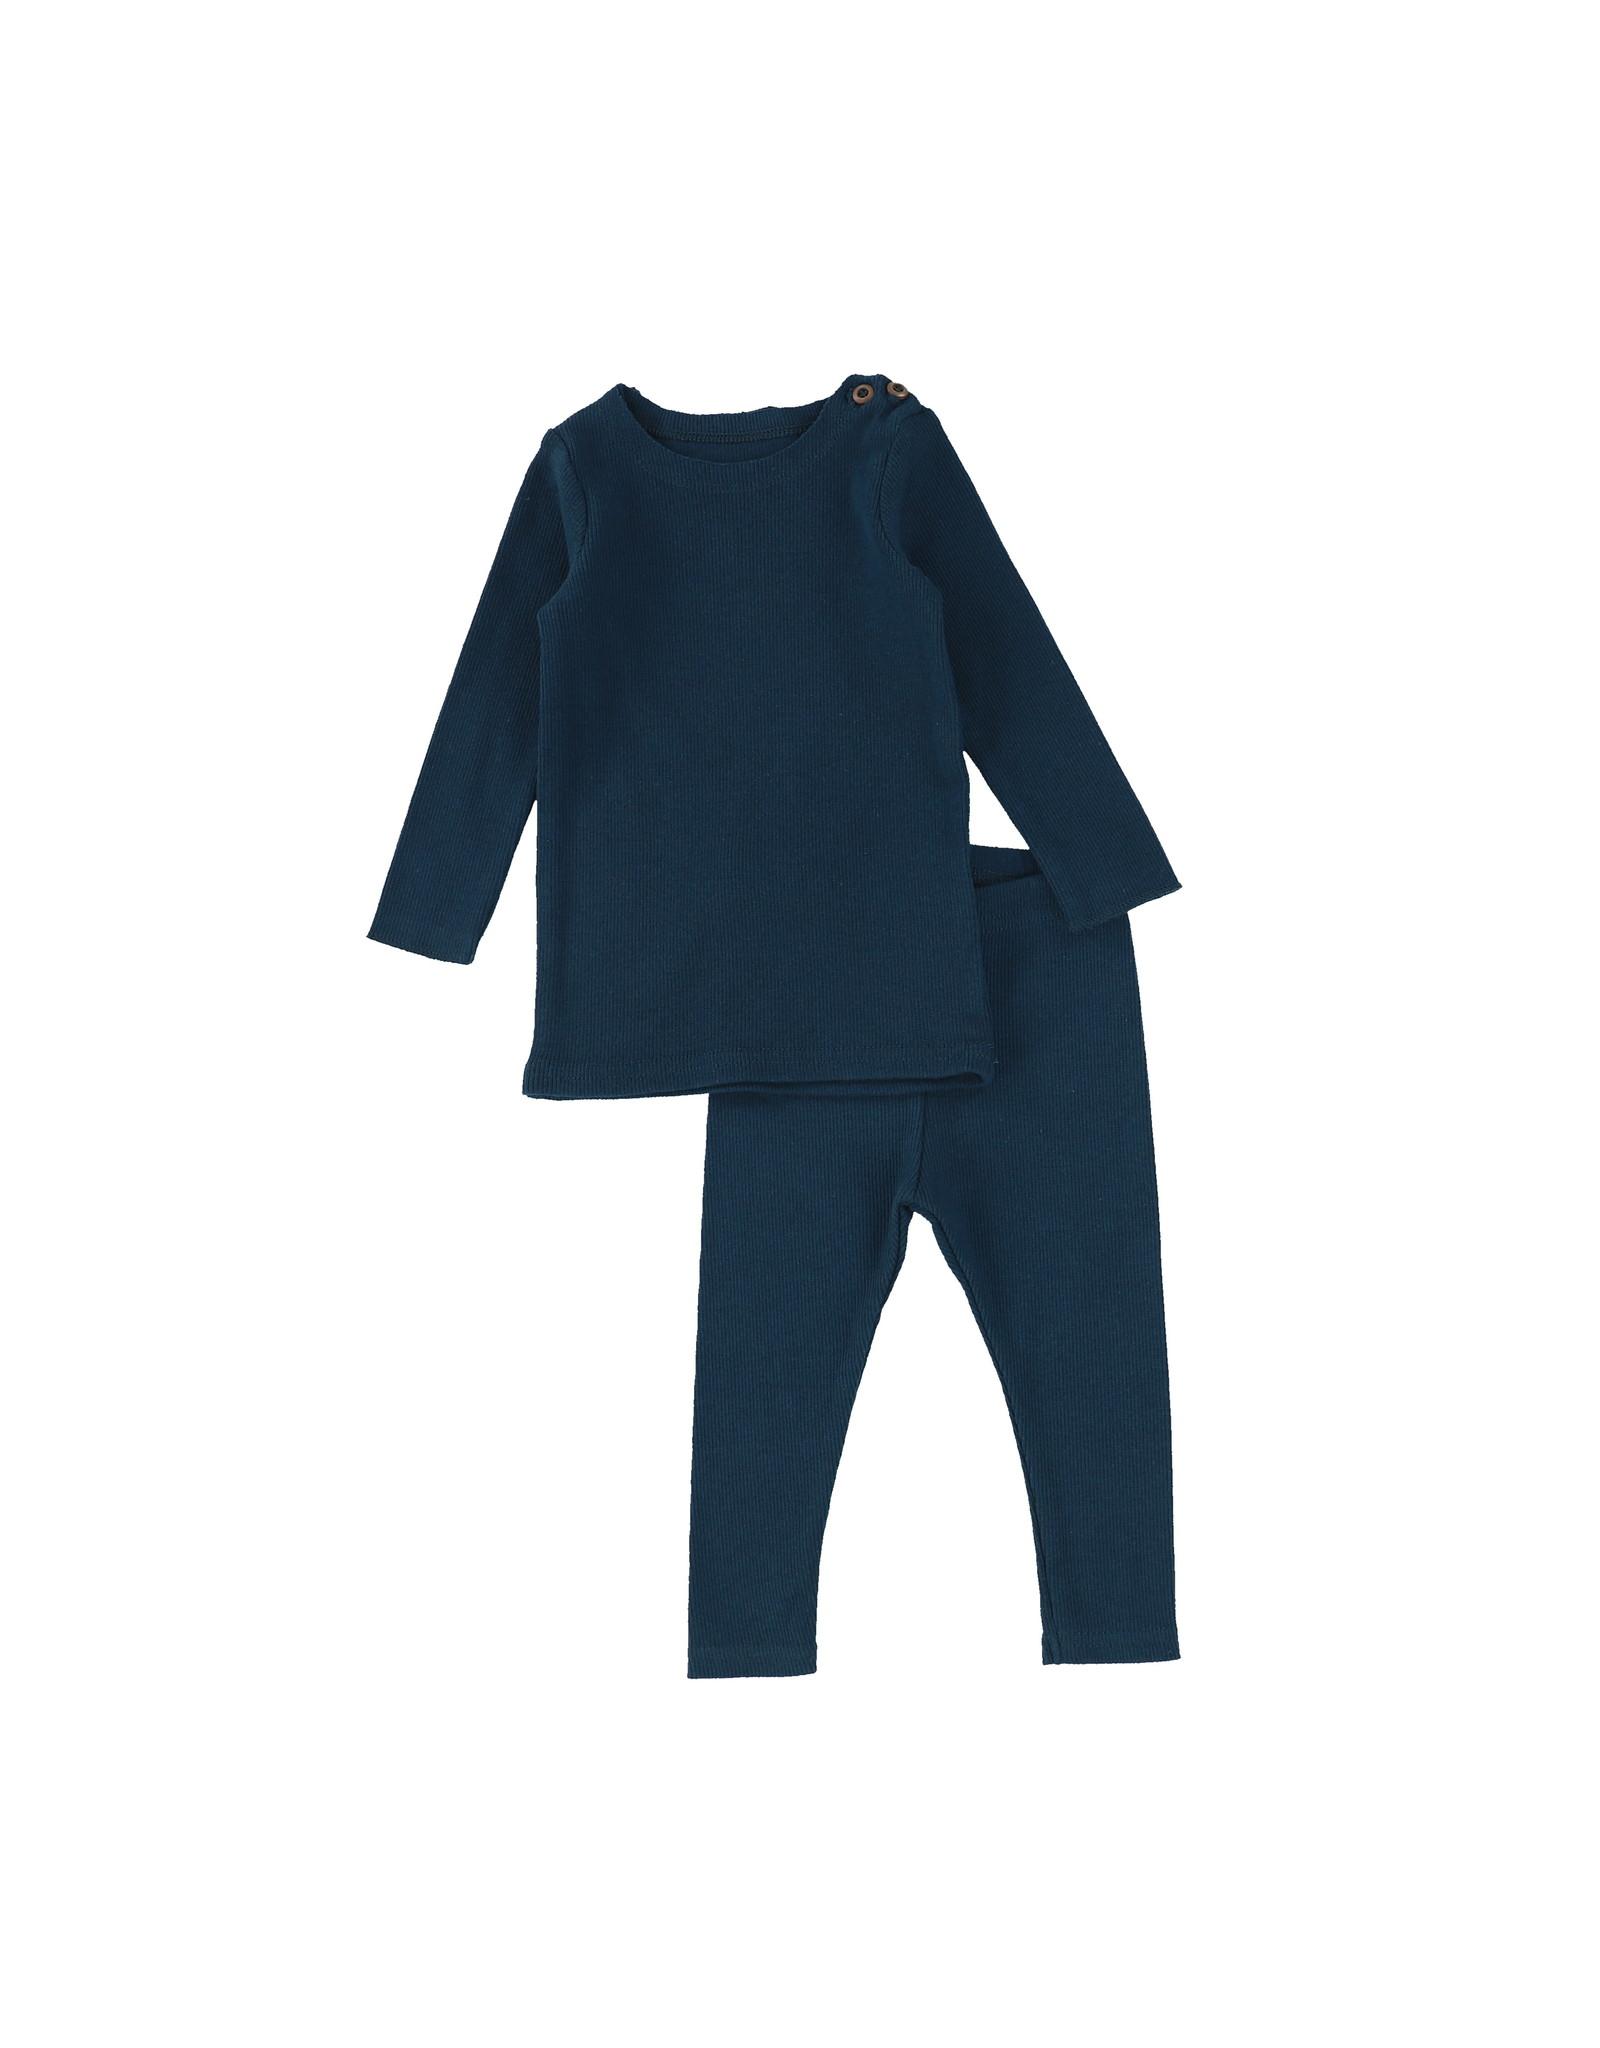 LIL LEGS FW20 Rib Set 2PC Fashion Colors